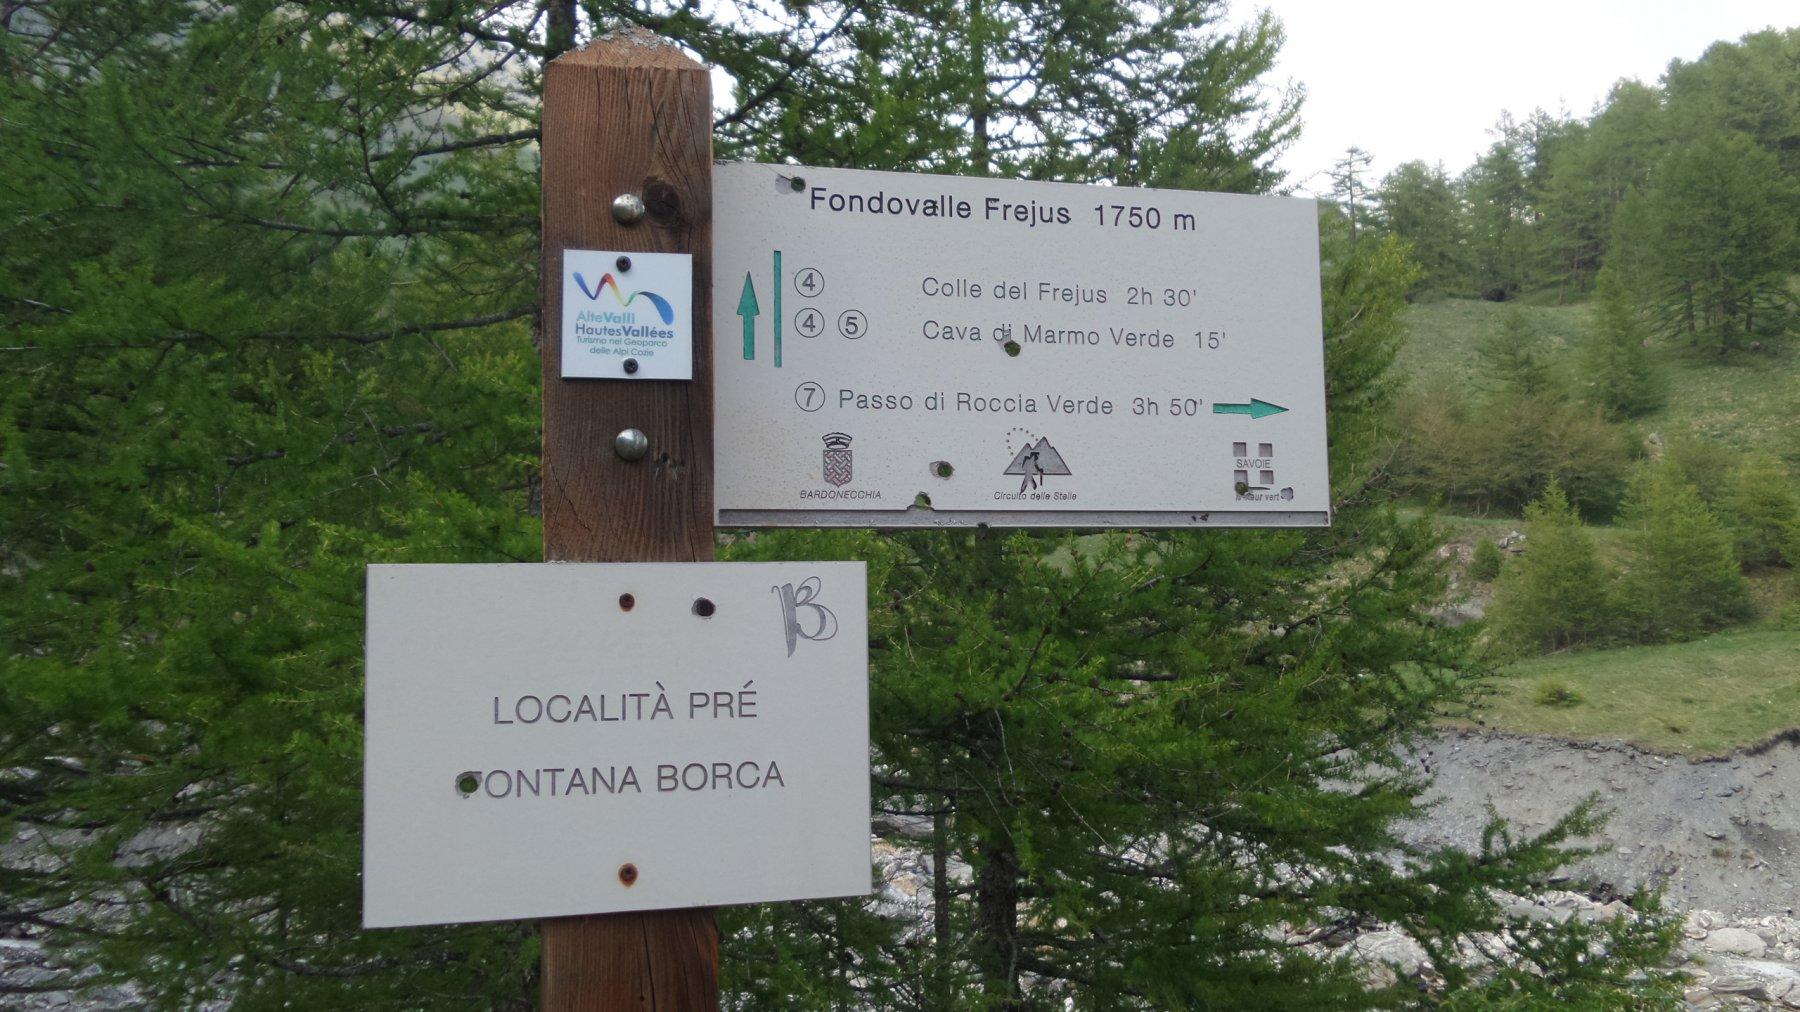 cartelli indicatori a Prè di Fontana Borca, il punto di partenza